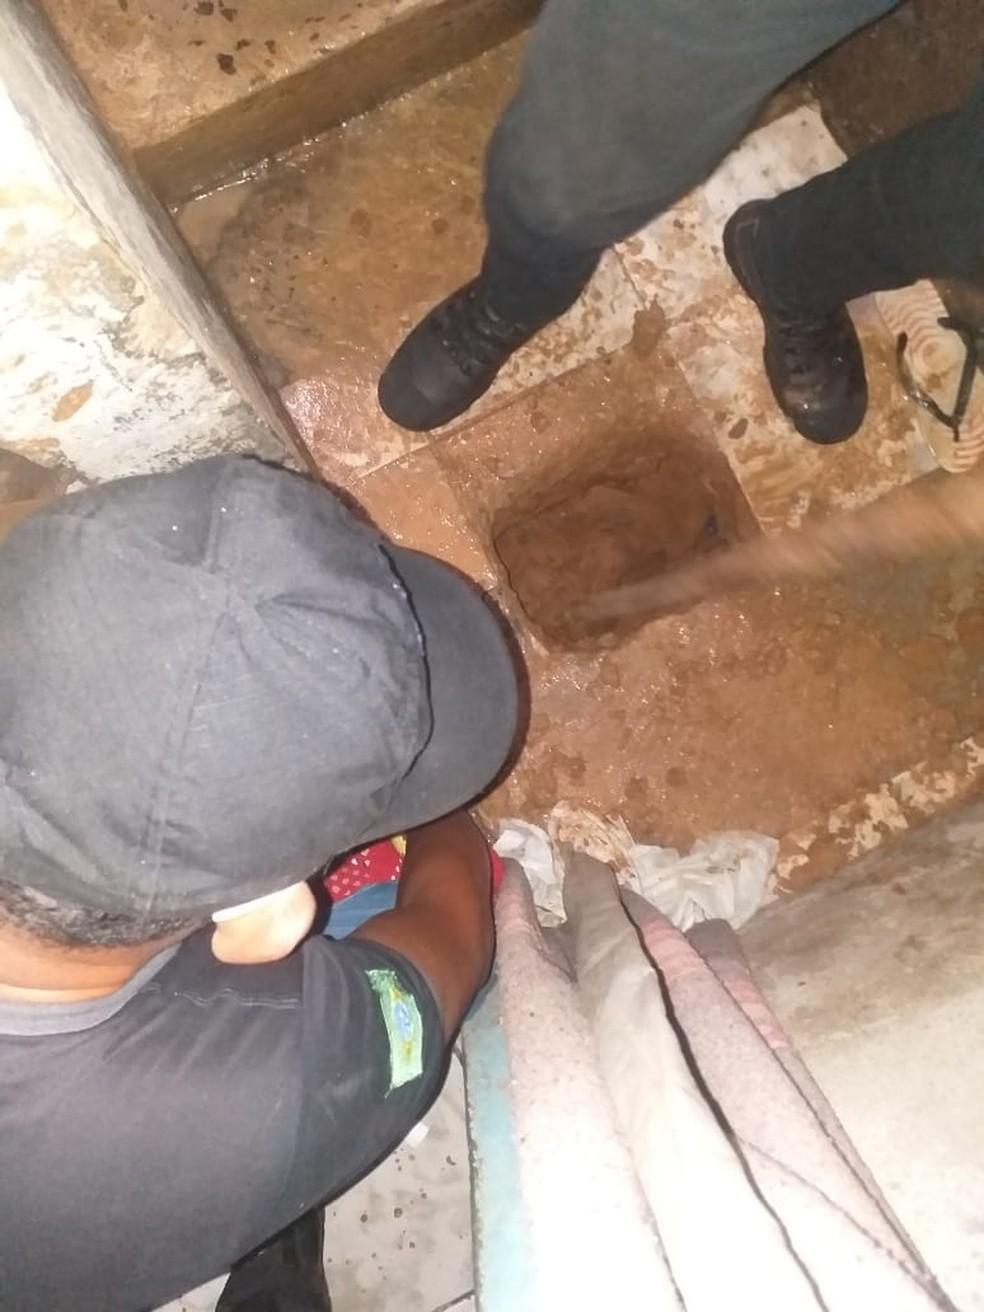 Agentes medem profundidade de buraco feito por presos em cela — Foto: Polícia Penal/Divulgação